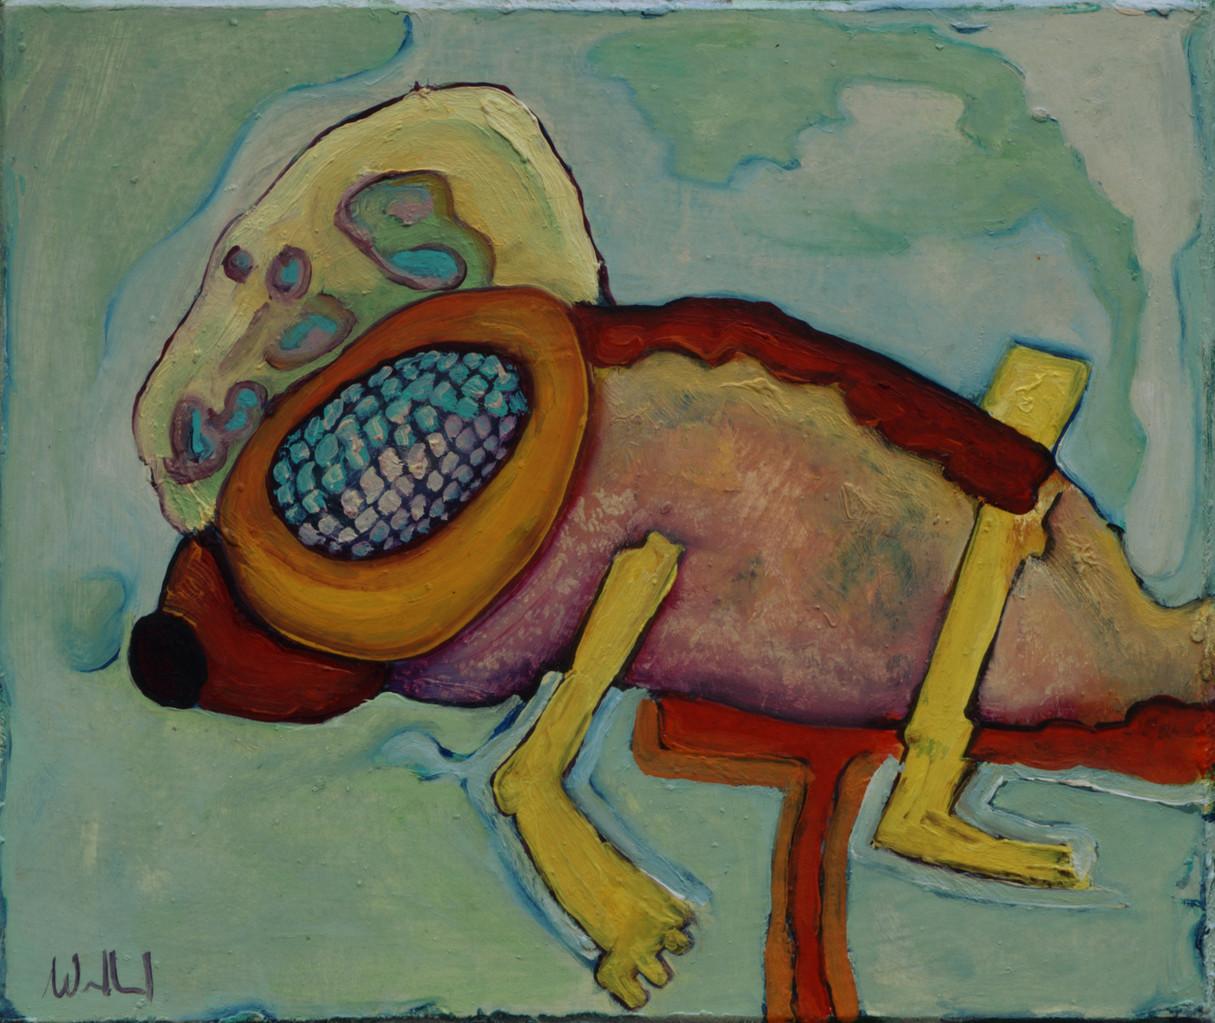 Fischfliege · 2013, Acryl, Öl auf Pappe, 20 x 16 cm